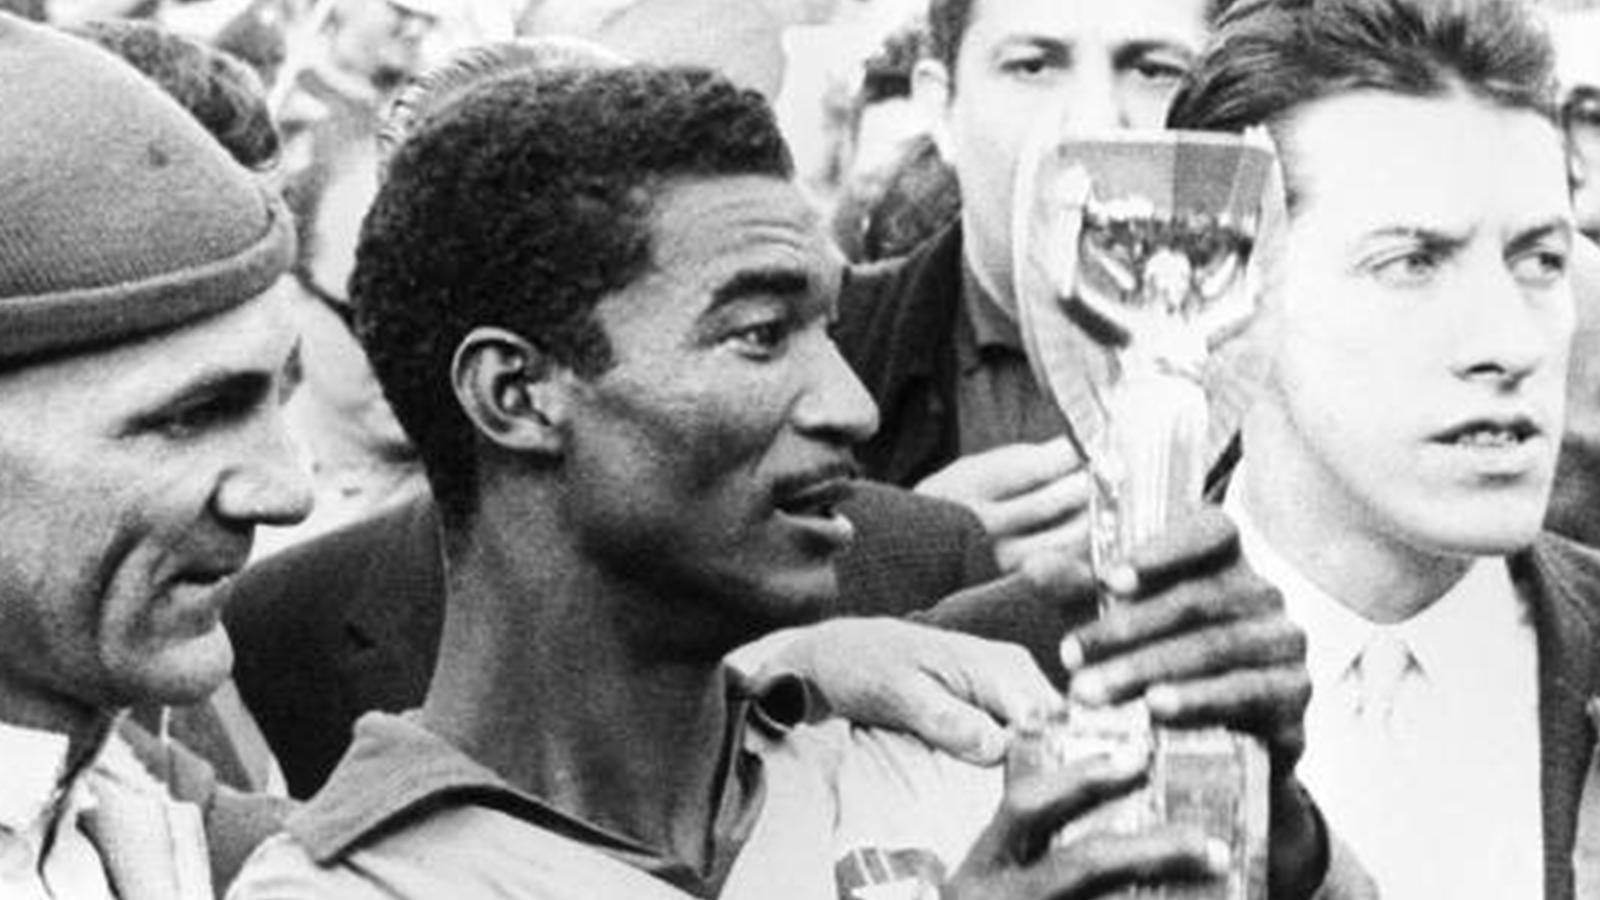 Les 10 plus grands br siliens de la coupe du monde coupe du monde 2014 football eurosport - Meilleur buteur coupe du monde 1994 ...